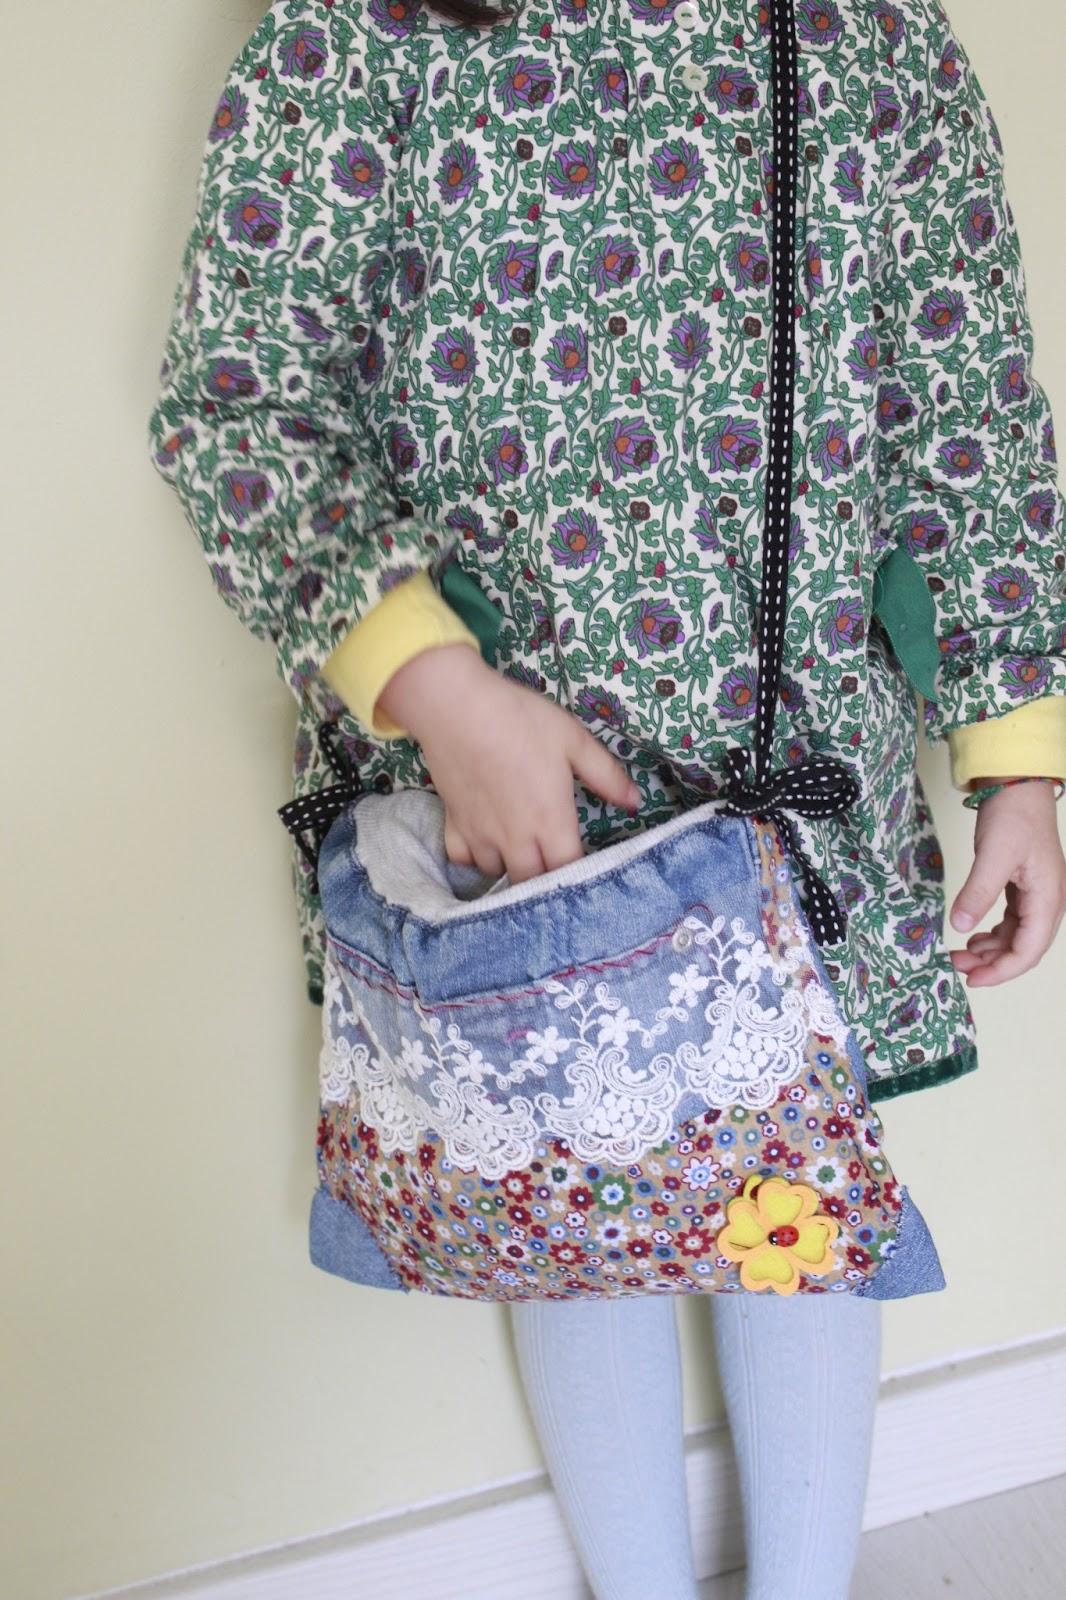 Manualidades en casa bolso hecho a mano totalmente - Manualidades patchwork bolsos ...